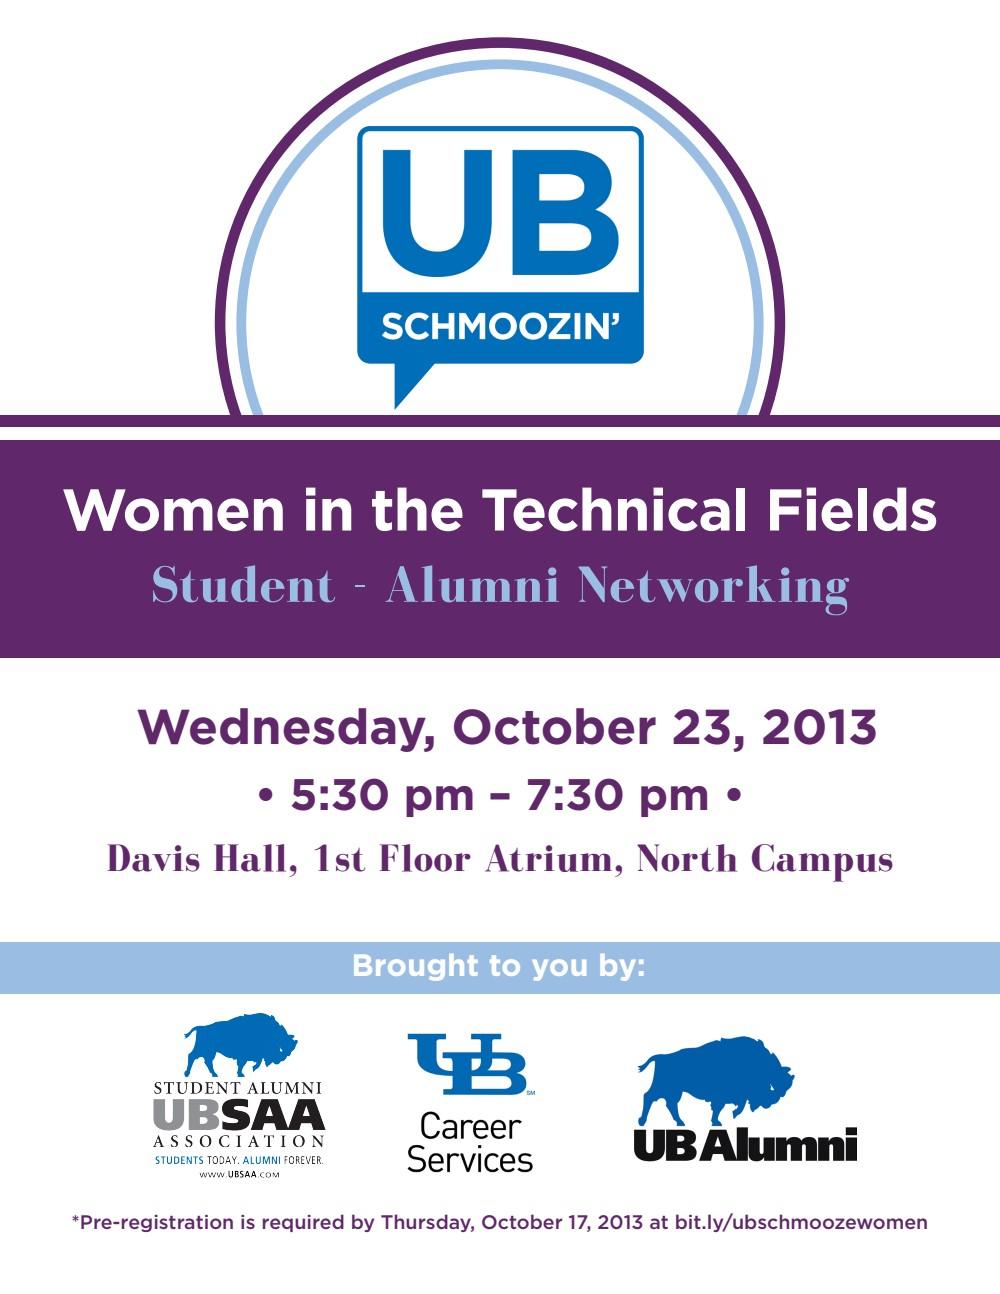 Ub Schmoozin Ublinked University At Buffalo